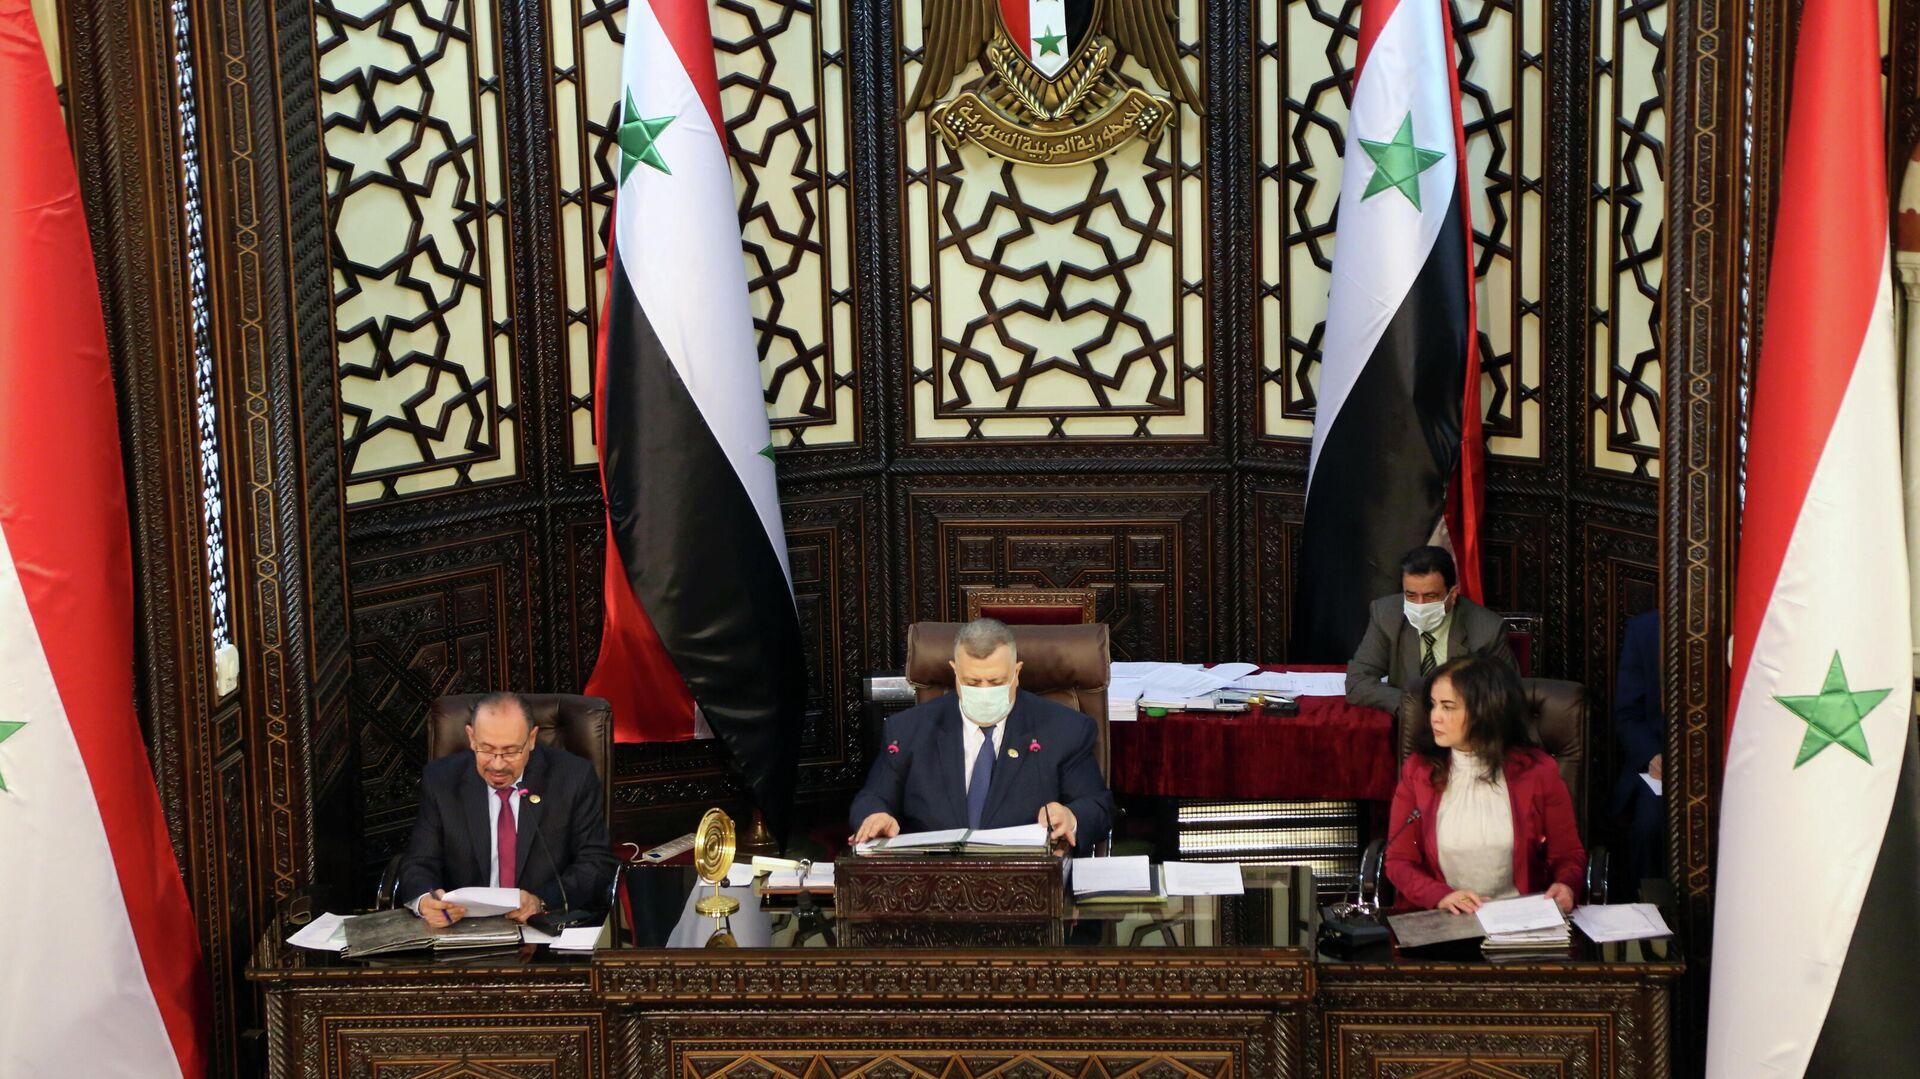 El Parlamento de Siria discute el tema de las próximas elecciones presidenciales en el país, el 18 de abril de 2021 - Sputnik Mundo, 1920, 20.04.2021